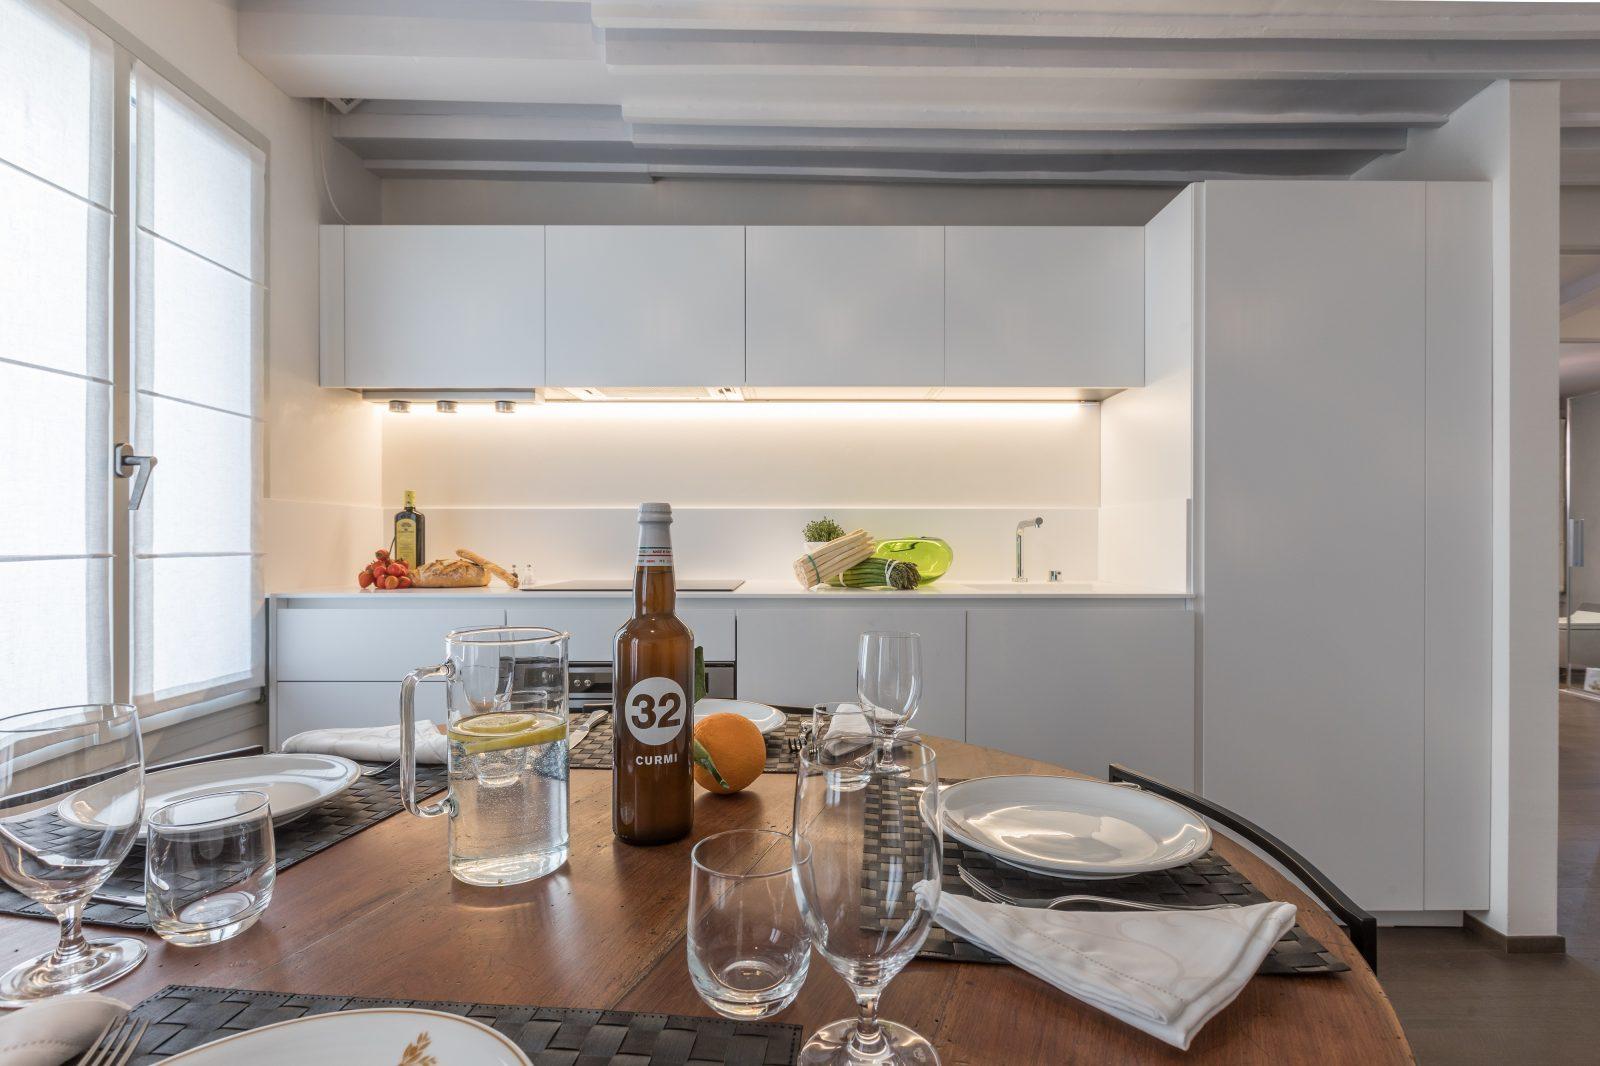 tavolo-cucina-appartamento-rabarbaro-mobili-design-bianco-legno-venezia-palazzo-morosini